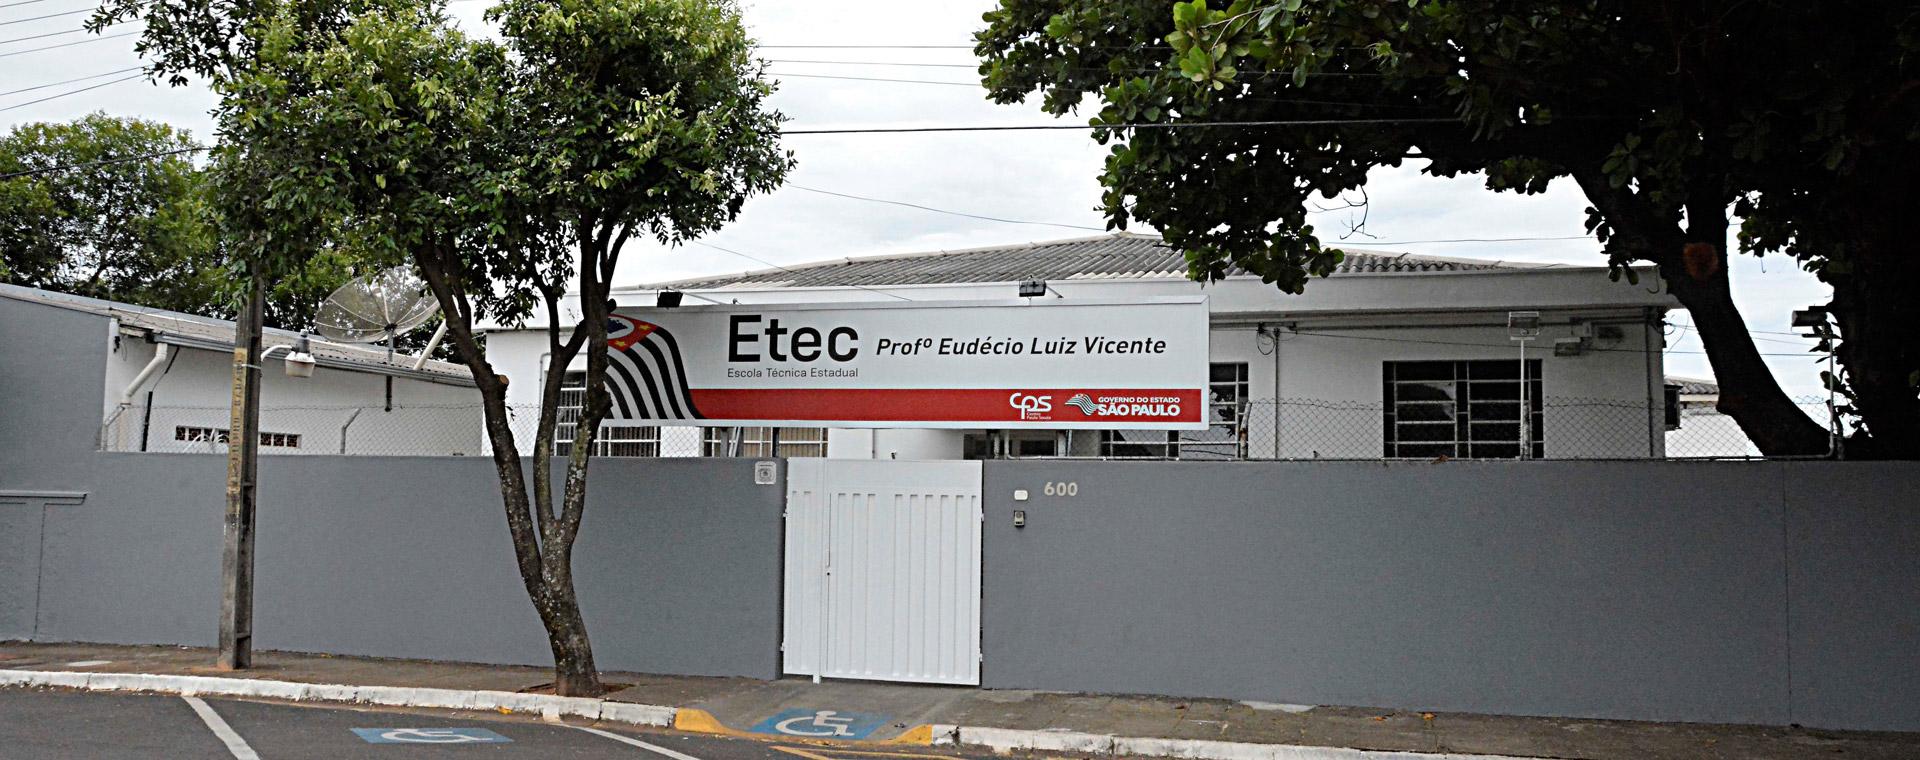 Fachada Etec